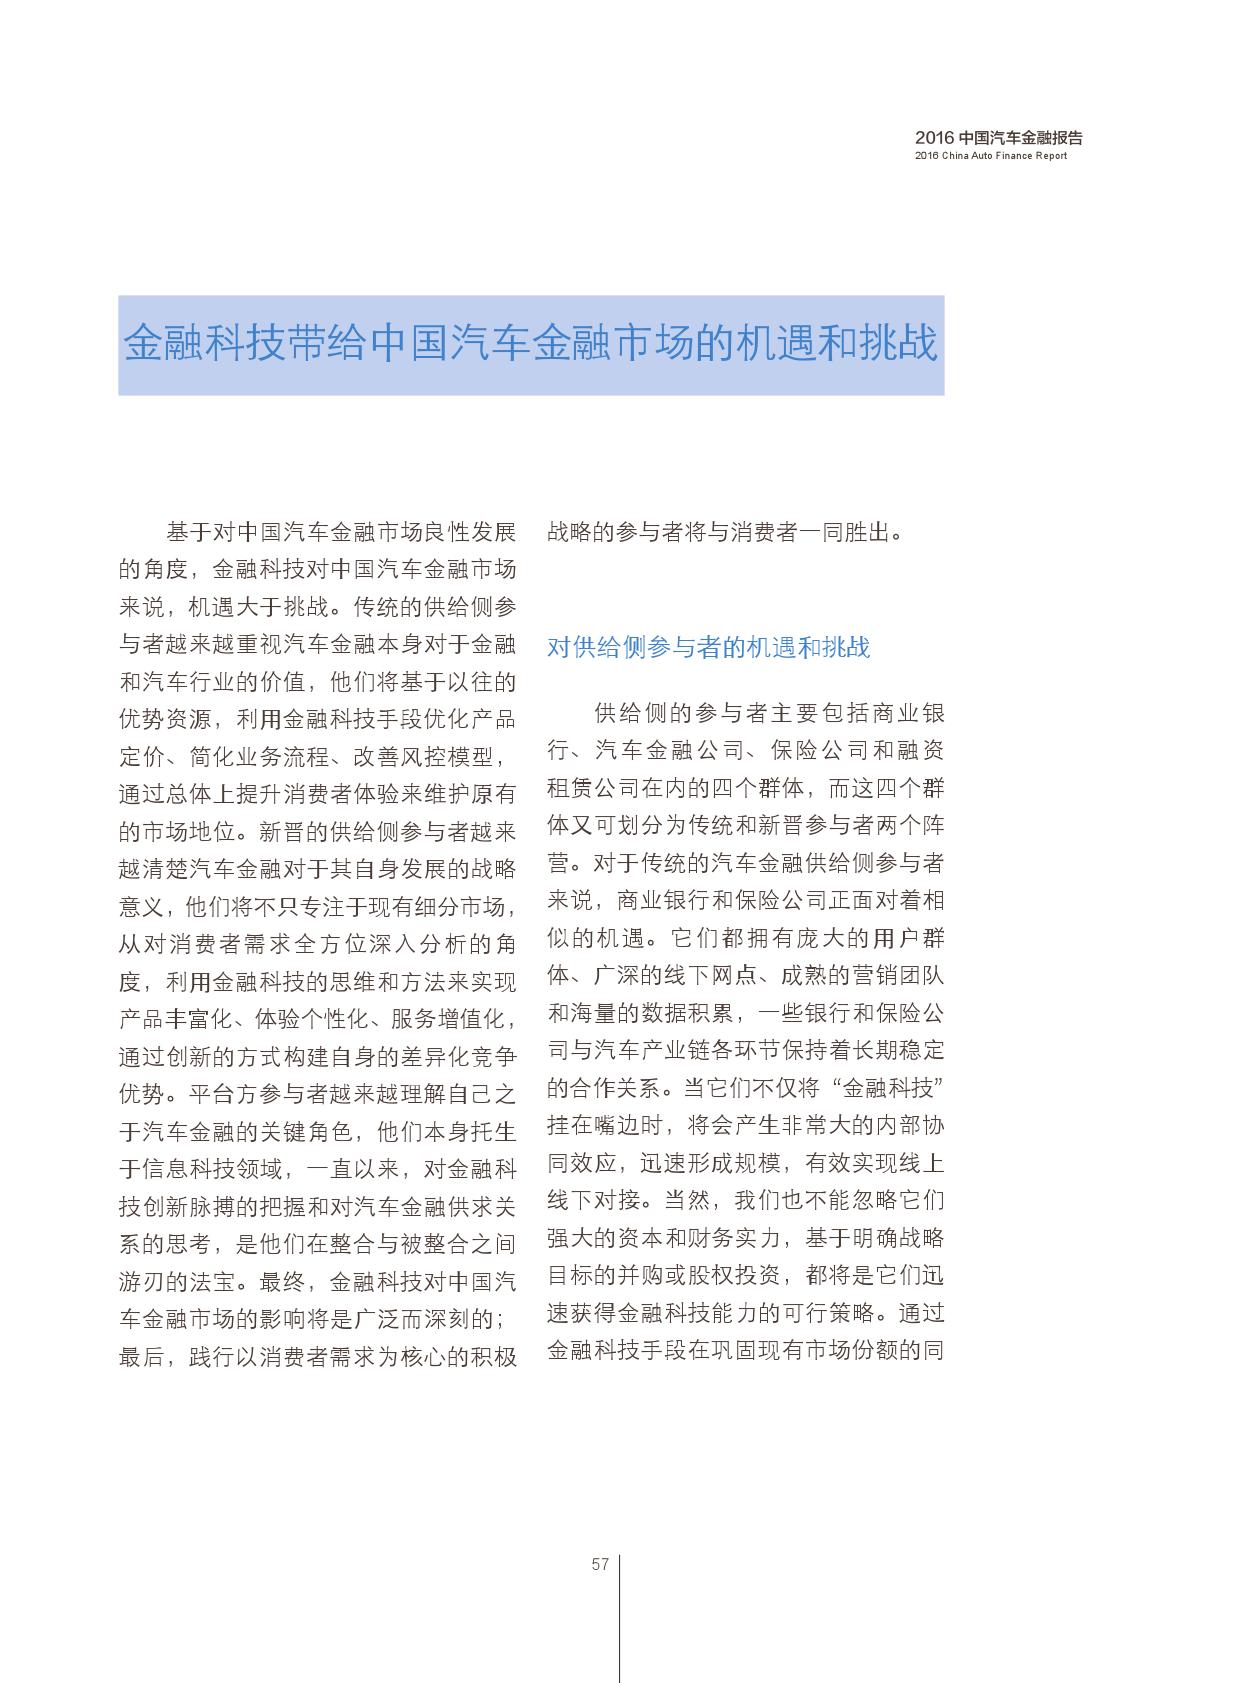 2016中国汽车金融报告_000058